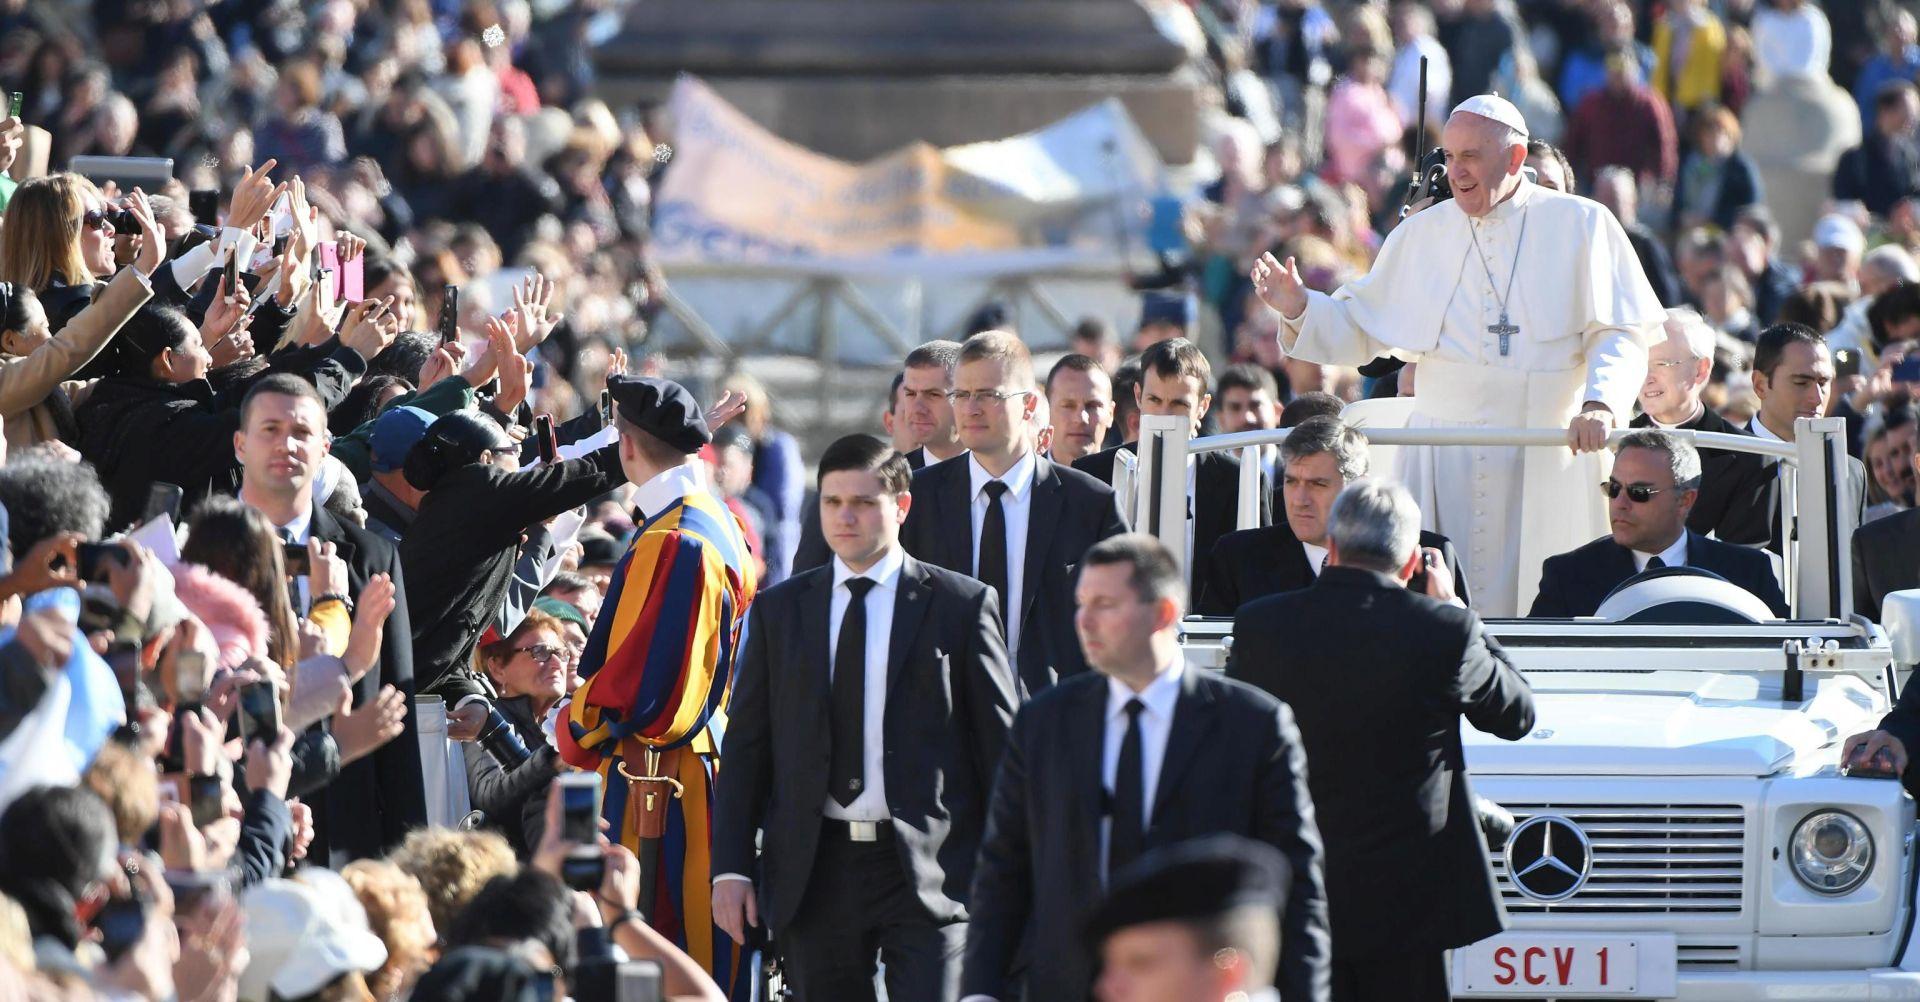 VATIKAN Više od 20 milijuna hodočasnika u Rimu tijekom Jubileja milosrđa